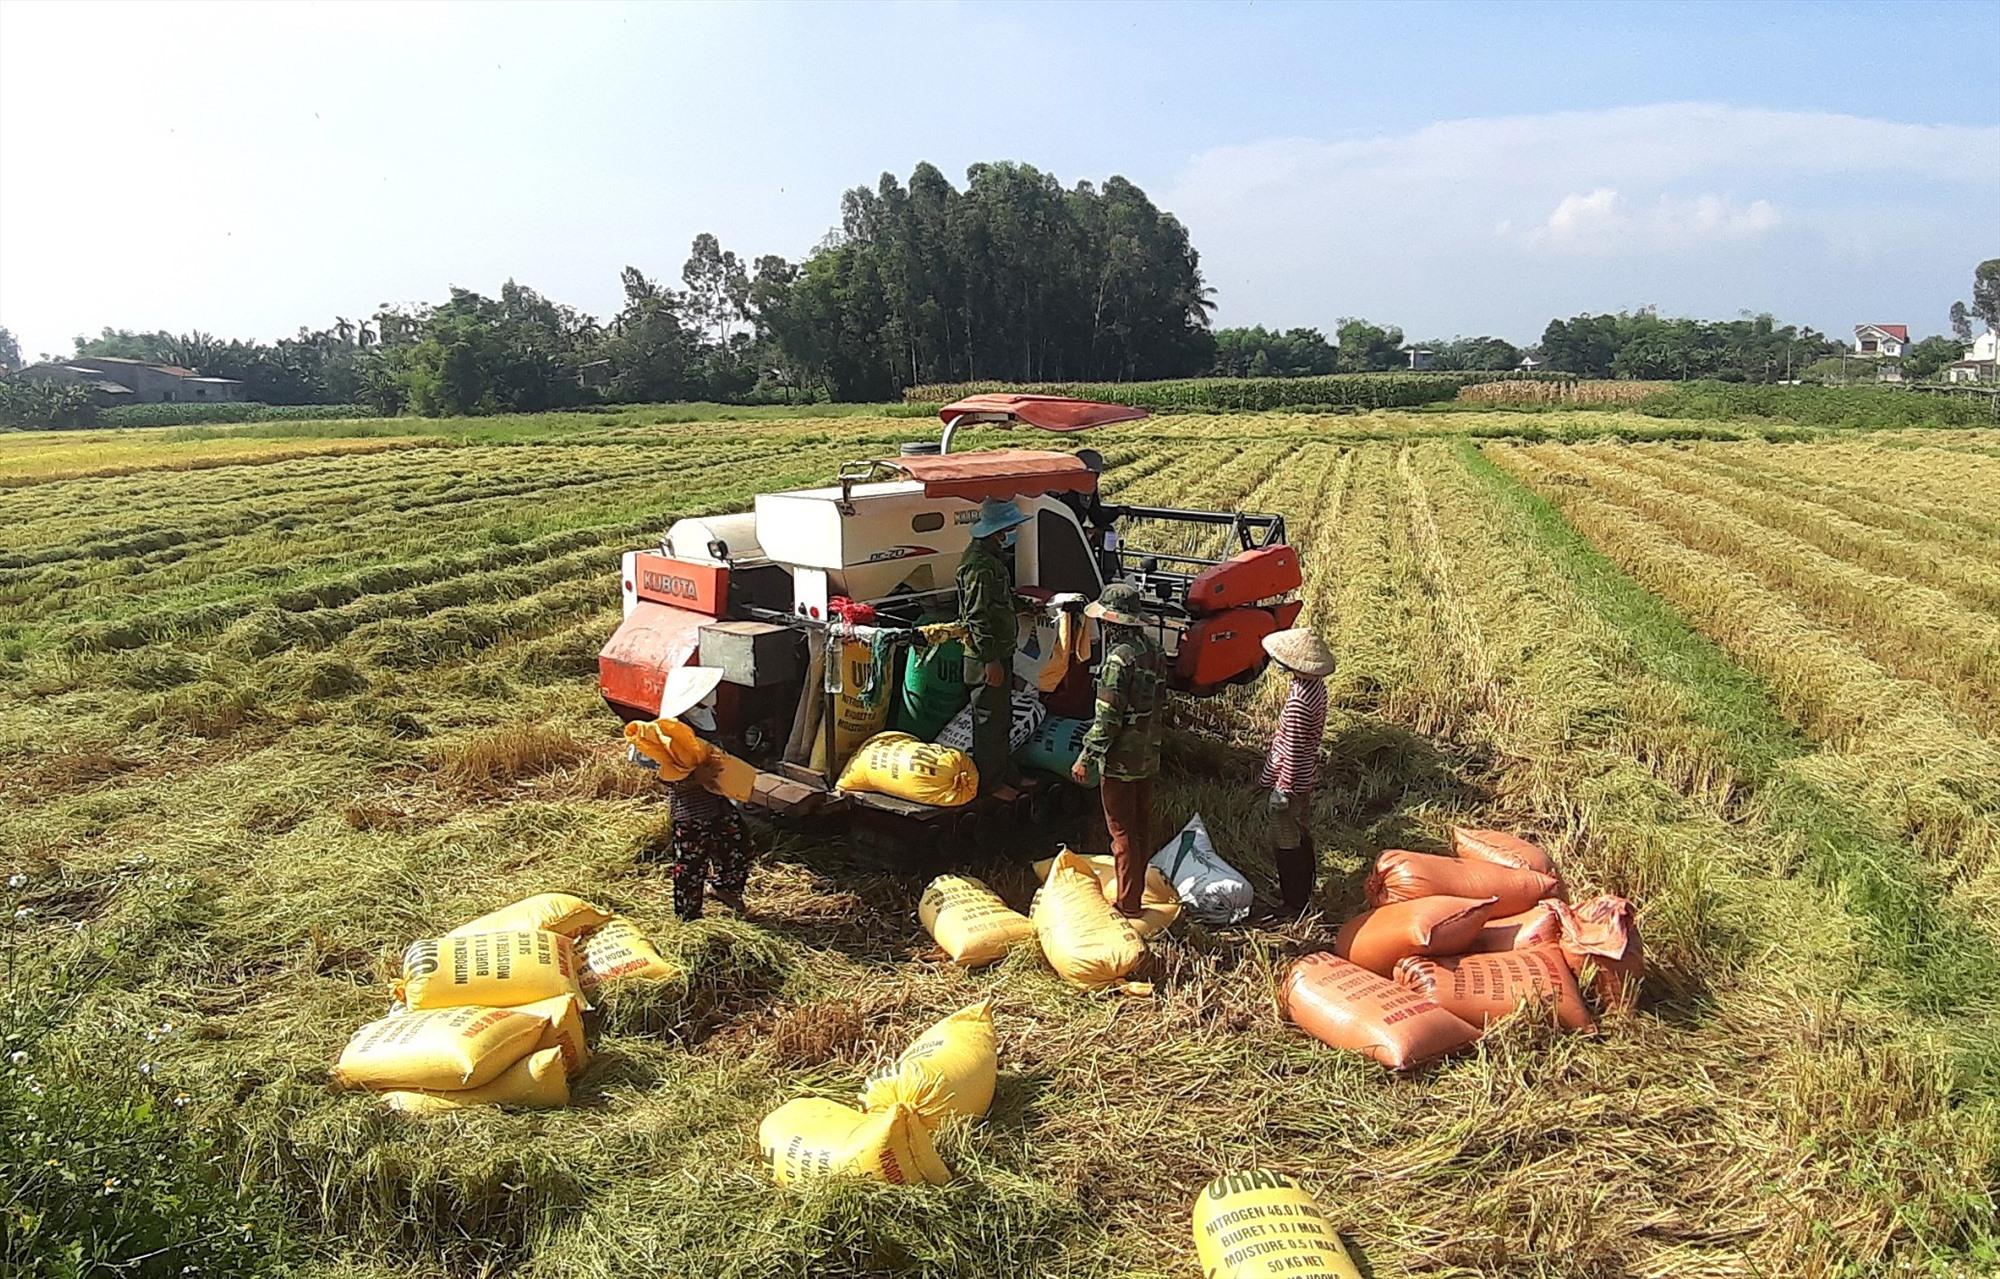 Nhiều mô hình liên kết sản xuất lúa giống và nếp thương phẩm theo hướng hàng hóa ở Duy Xuyên mang lại hiệu quả cao. Ảnh: T.P